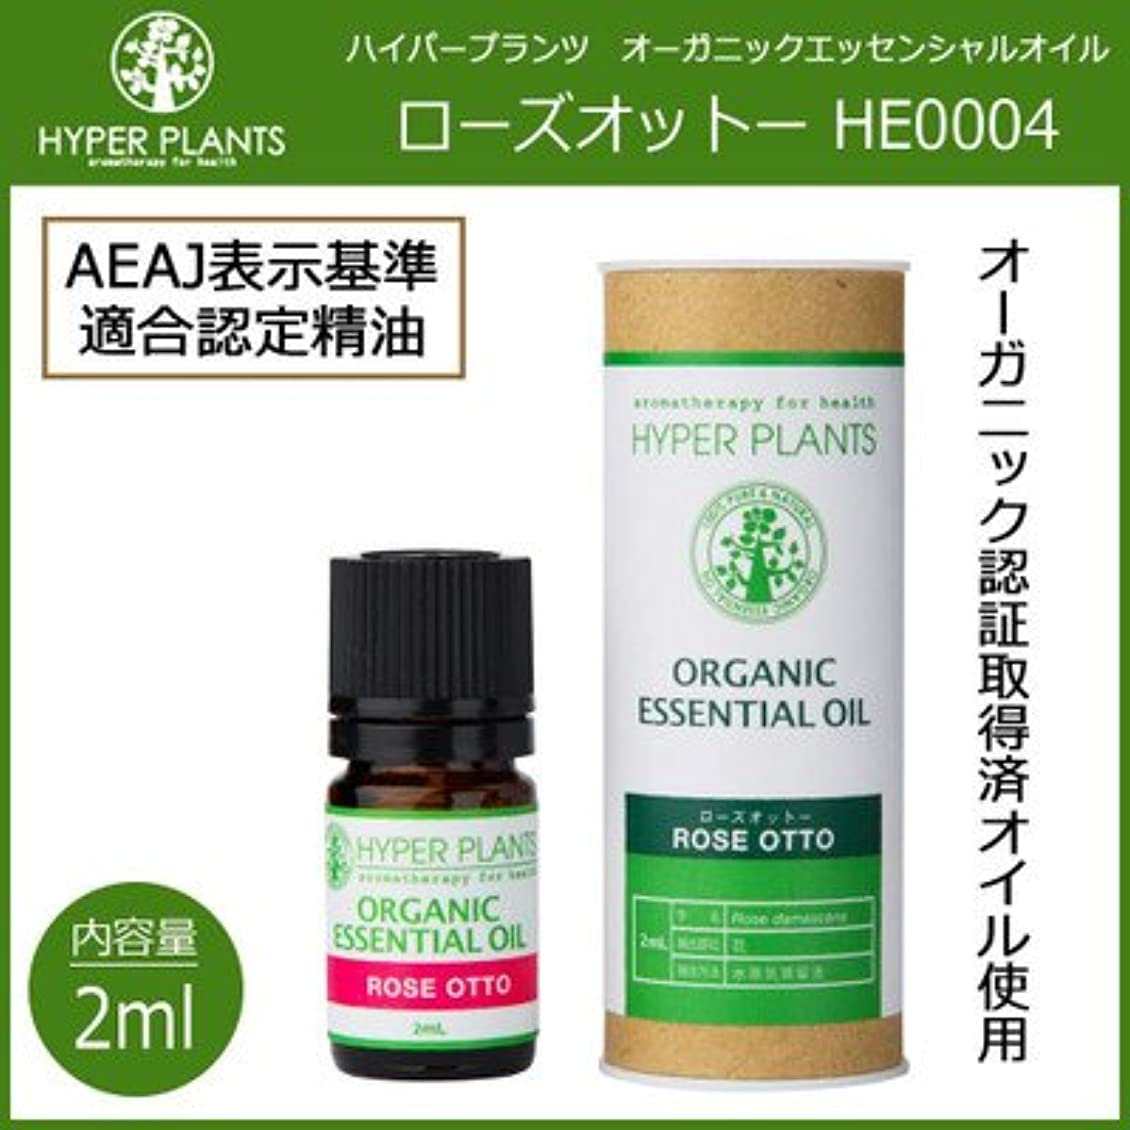 見つける緊急豊富毎日の生活にアロマの香りを HYPER PLANTS ハイパープランツ オーガニックエッセンシャルオイル ローズオットー 2ml HE0004